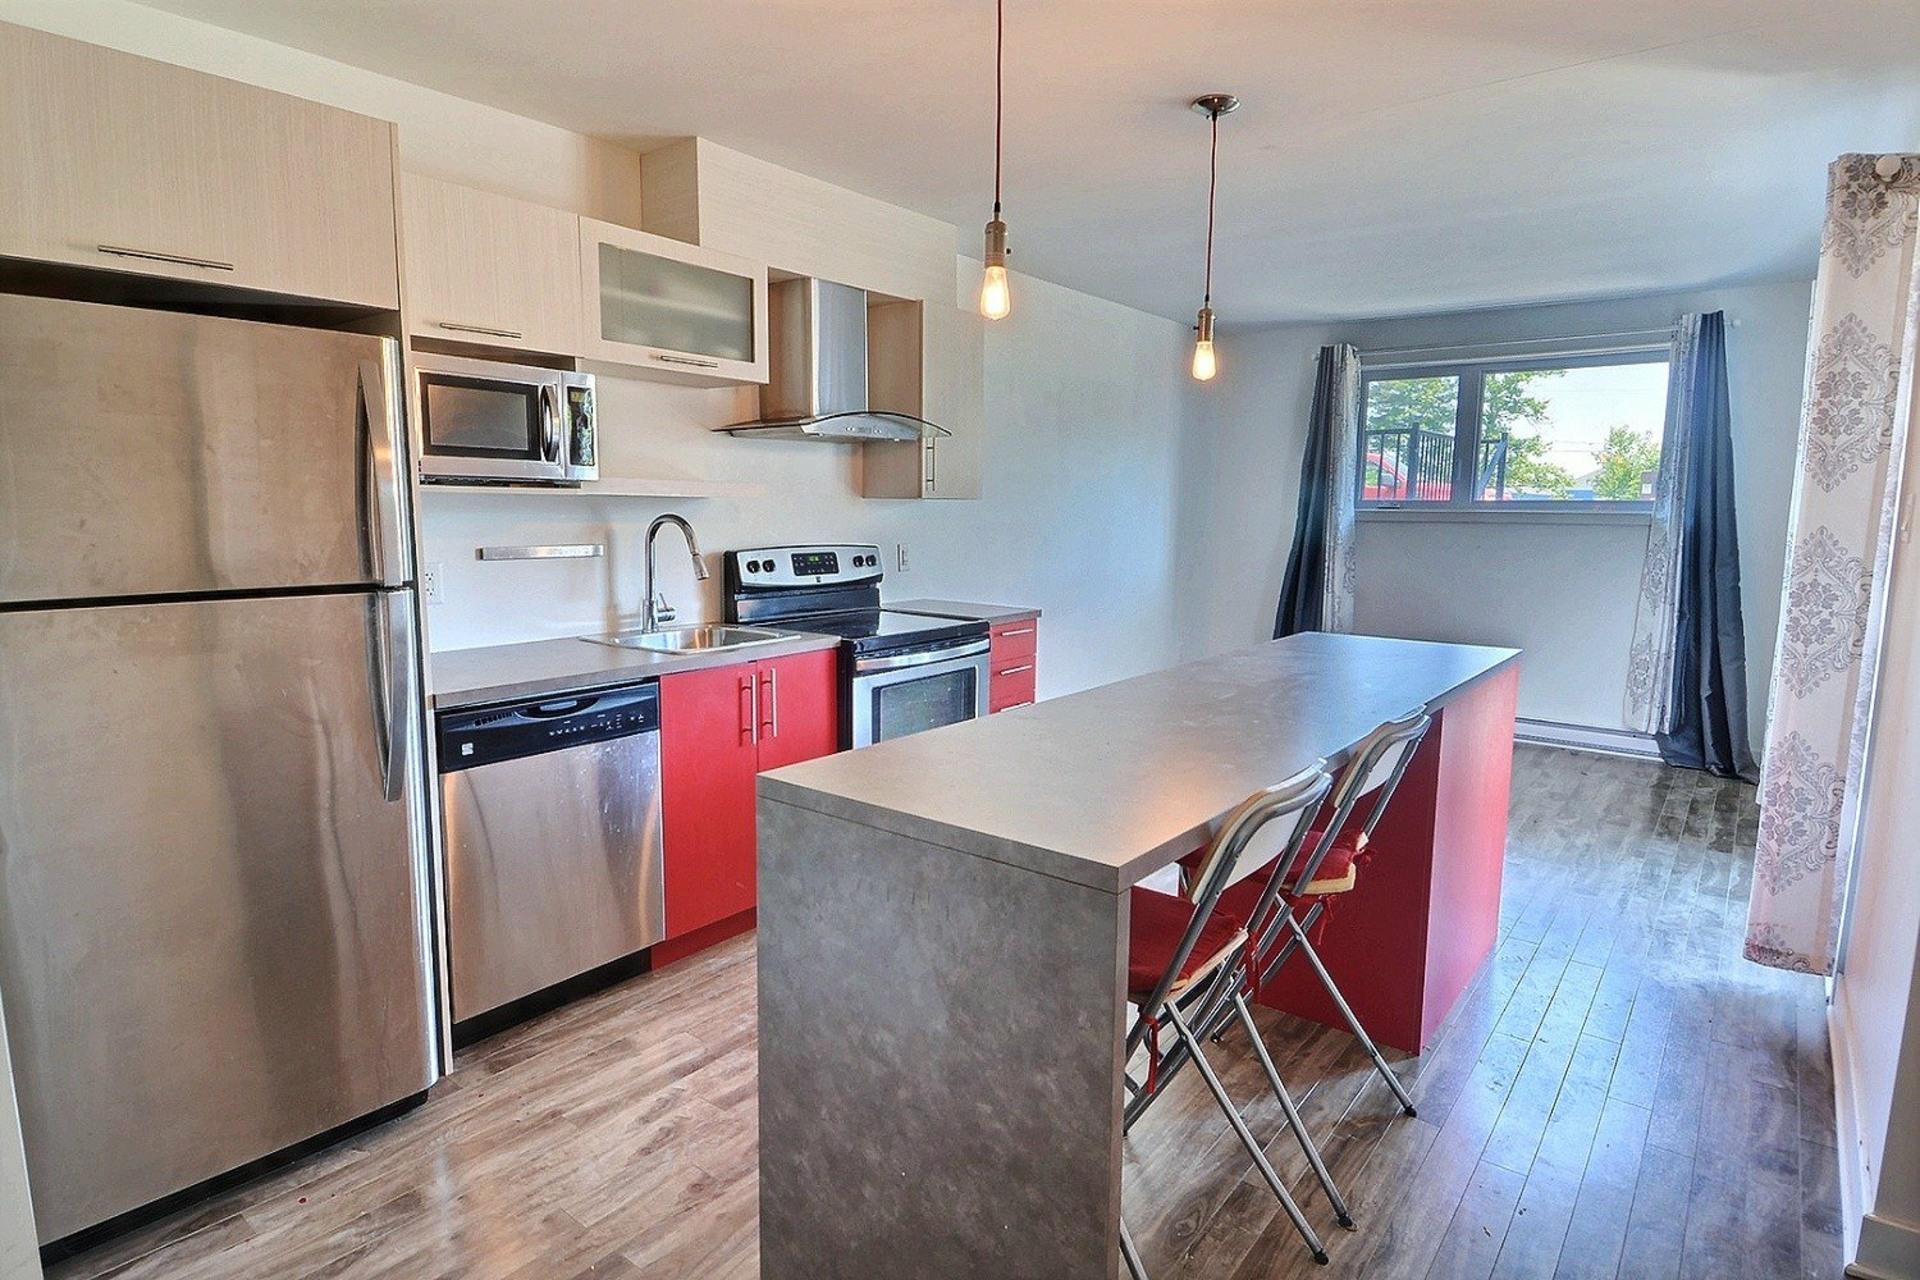 image 1 - Apartment For sale Sainte-Anne-des-Plaines - 4 rooms